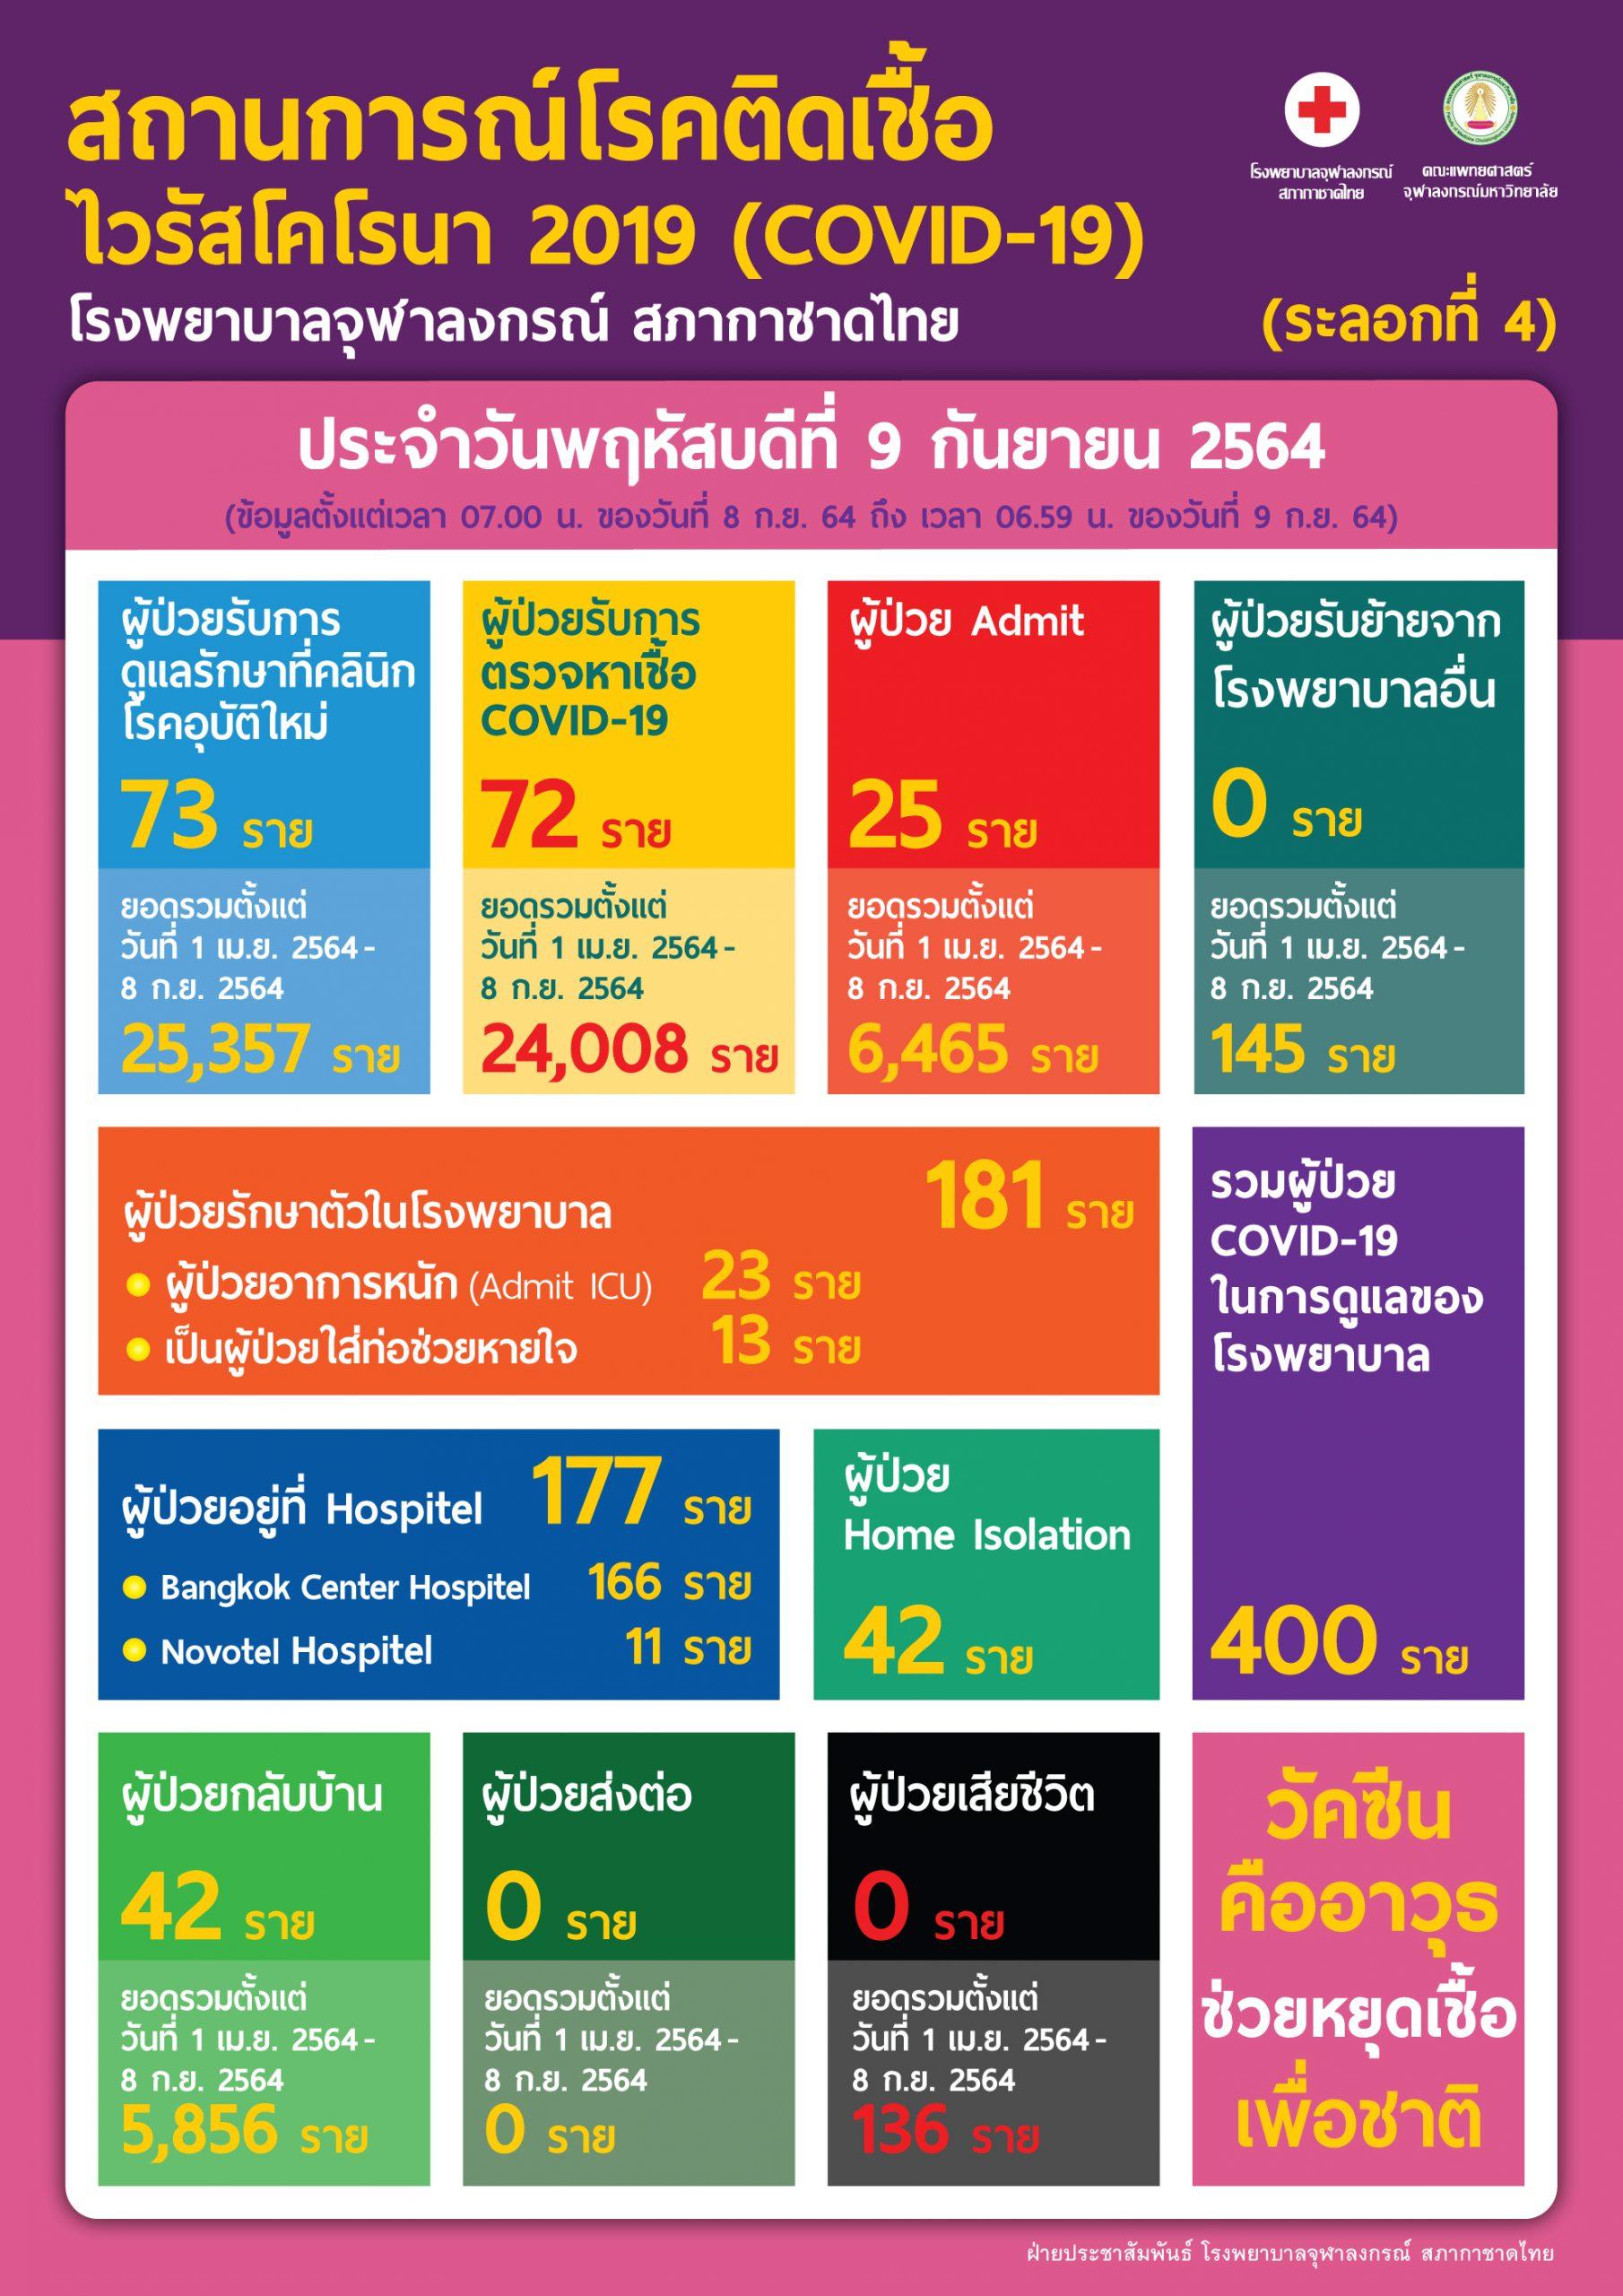 สถานการณ์โรคติดเชื้อไวรัสโคโรนา 2019 (COVID-19) (ระลอกที่ 4) โรงพยาบาลจุฬาลงกรณ์ สภากาชาดไทย  ประจำวันพฤหัสบดีที่ 9 กันยายน 2564